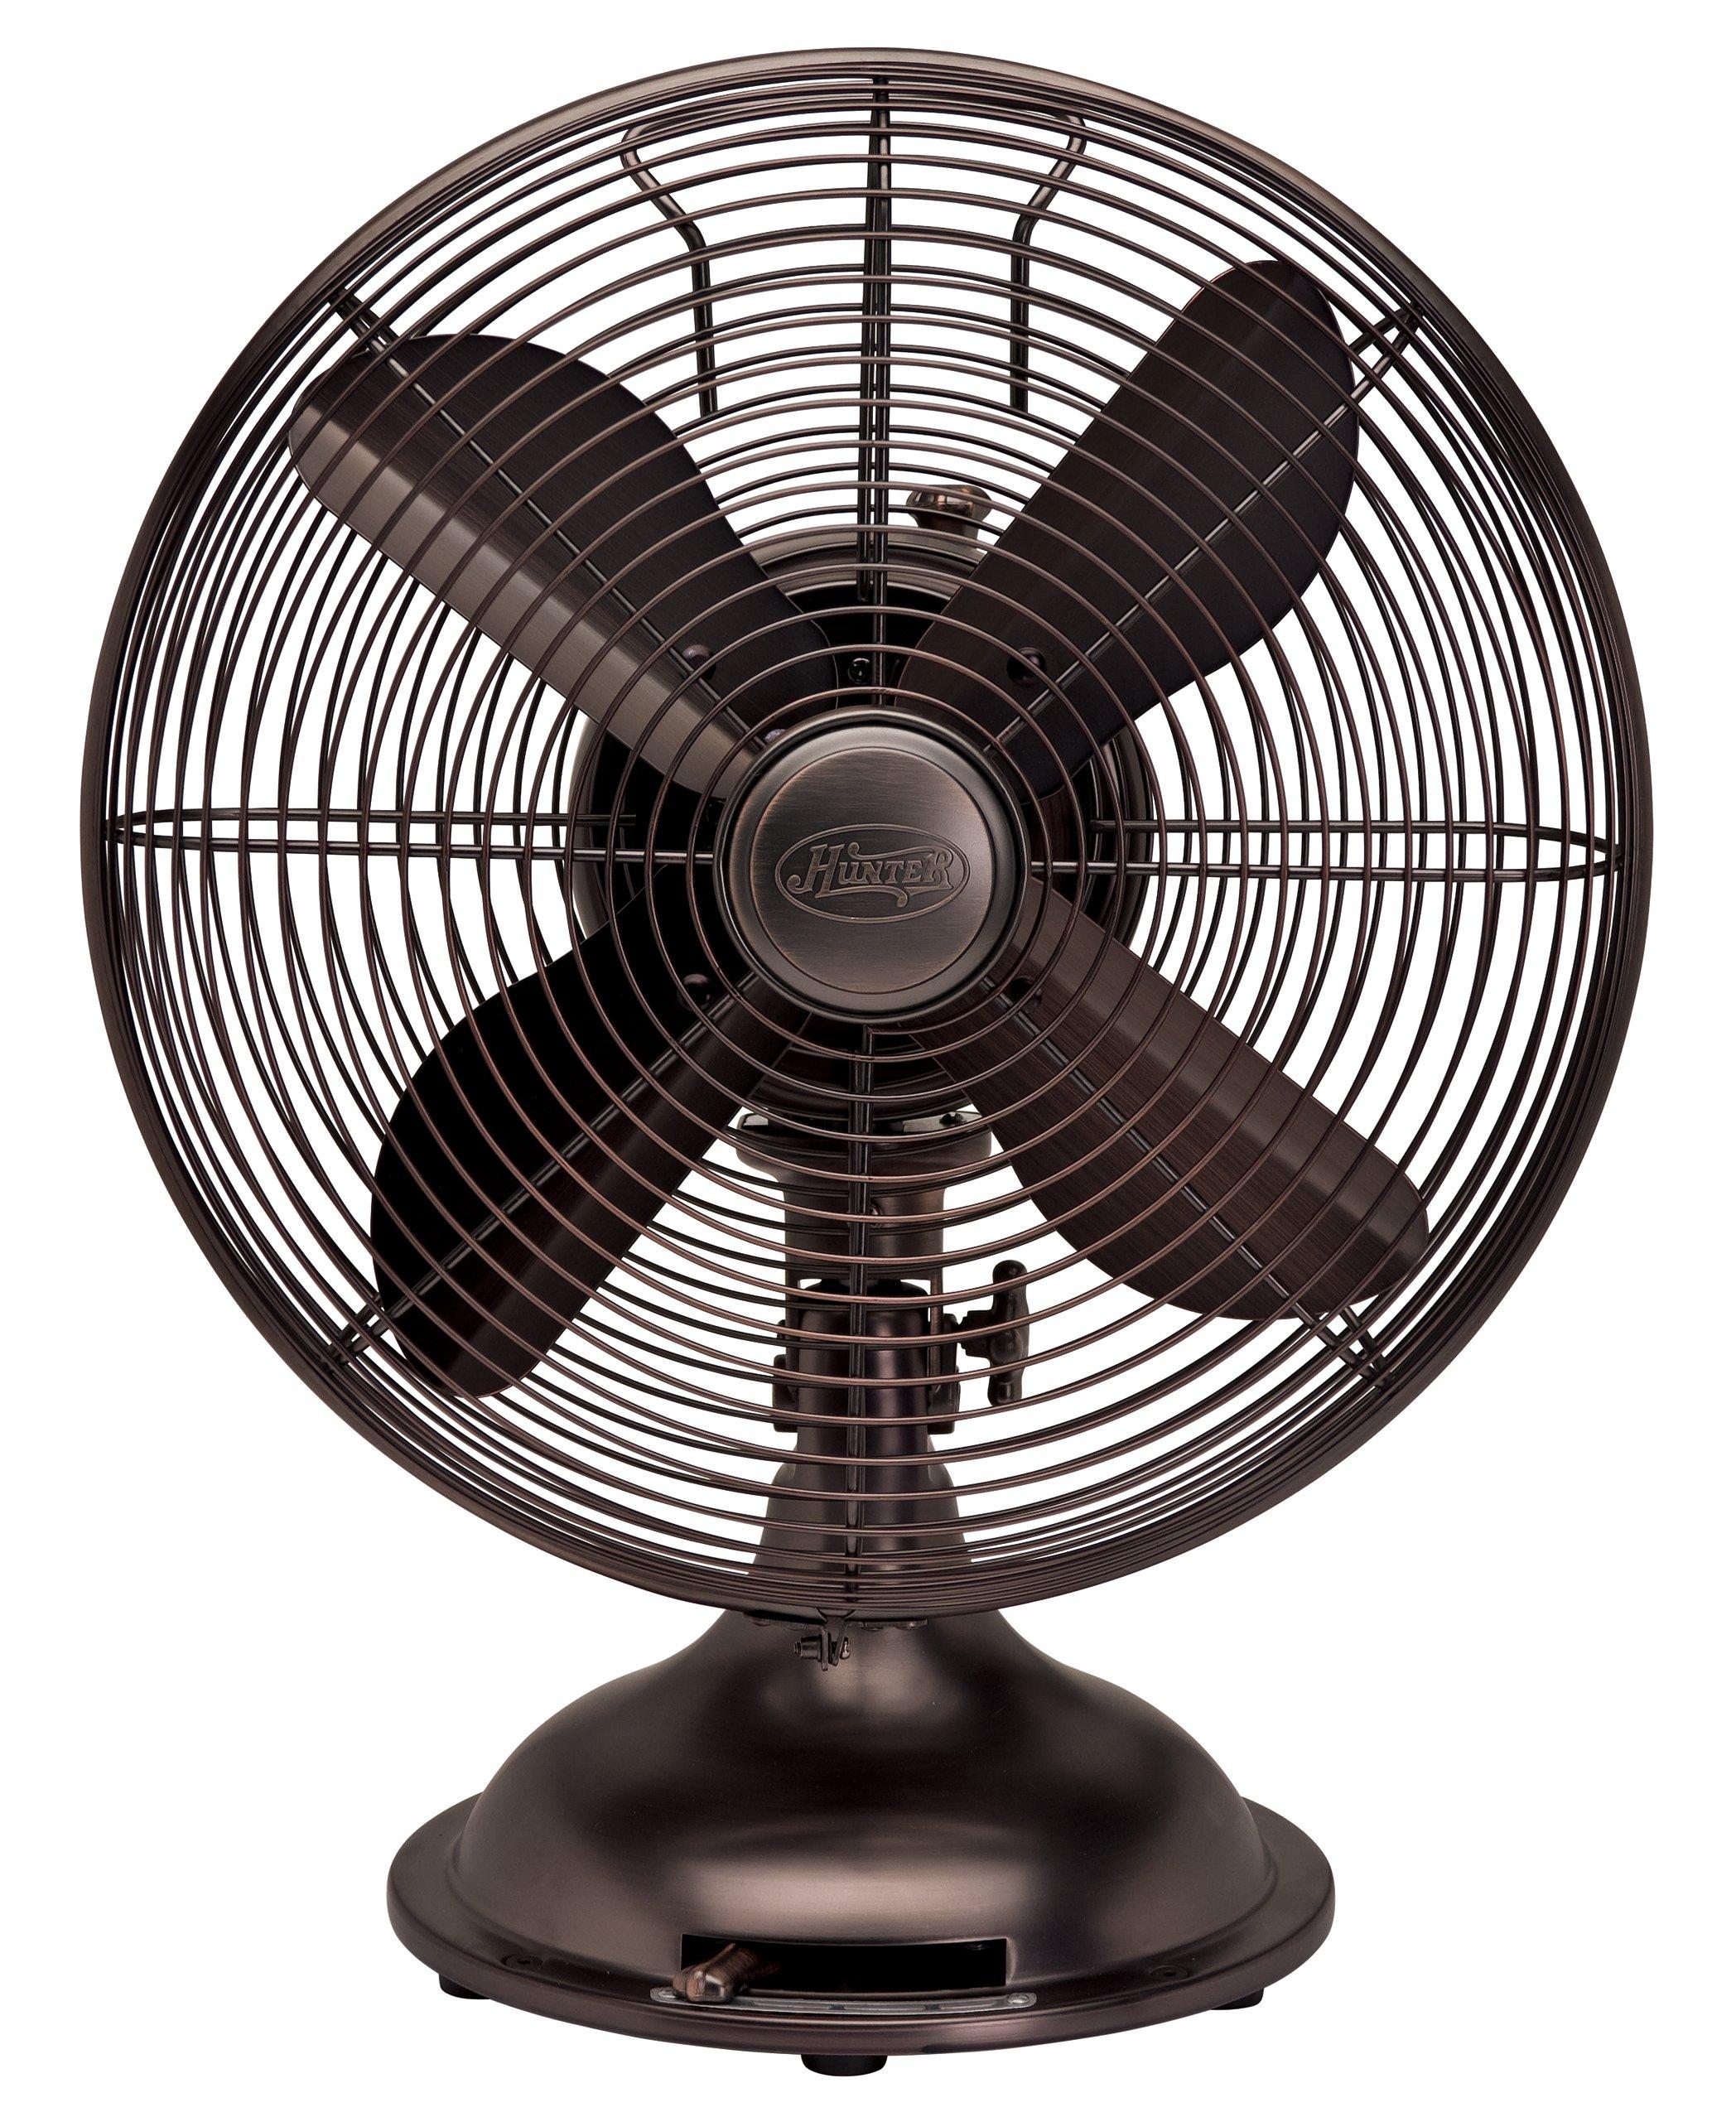 Hunter Fan 90406 12'' Oscillating Desk Fan - oil rubbed bronze Color